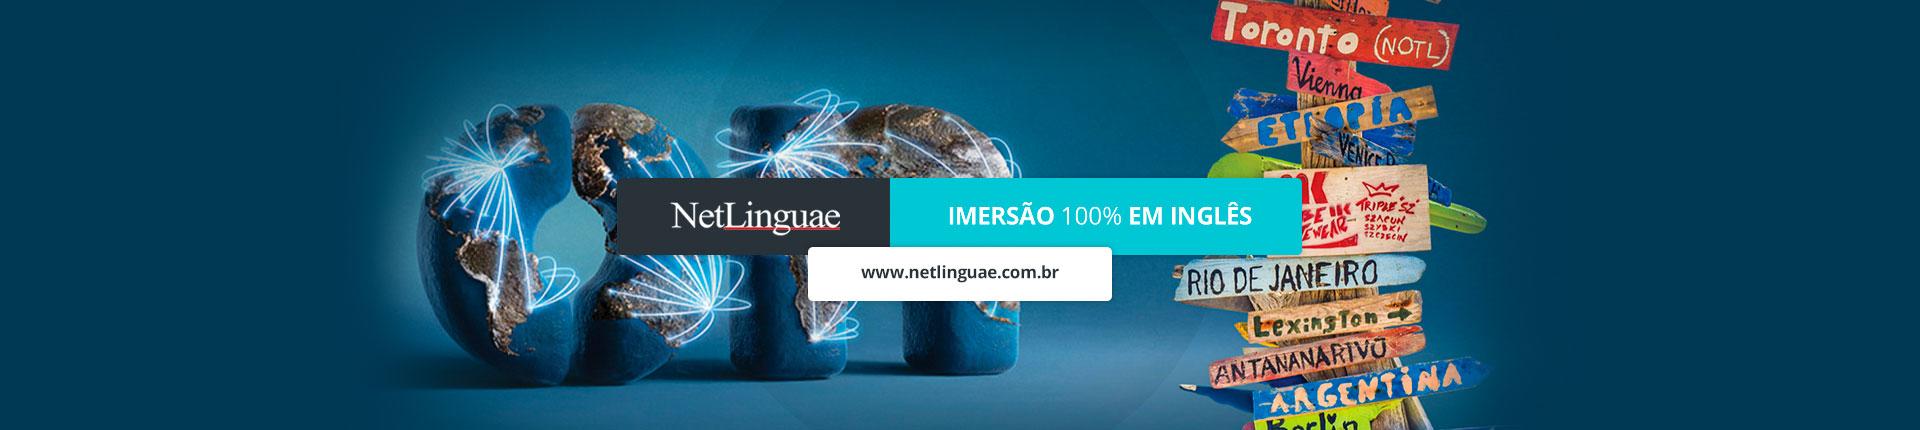 NetLinguae